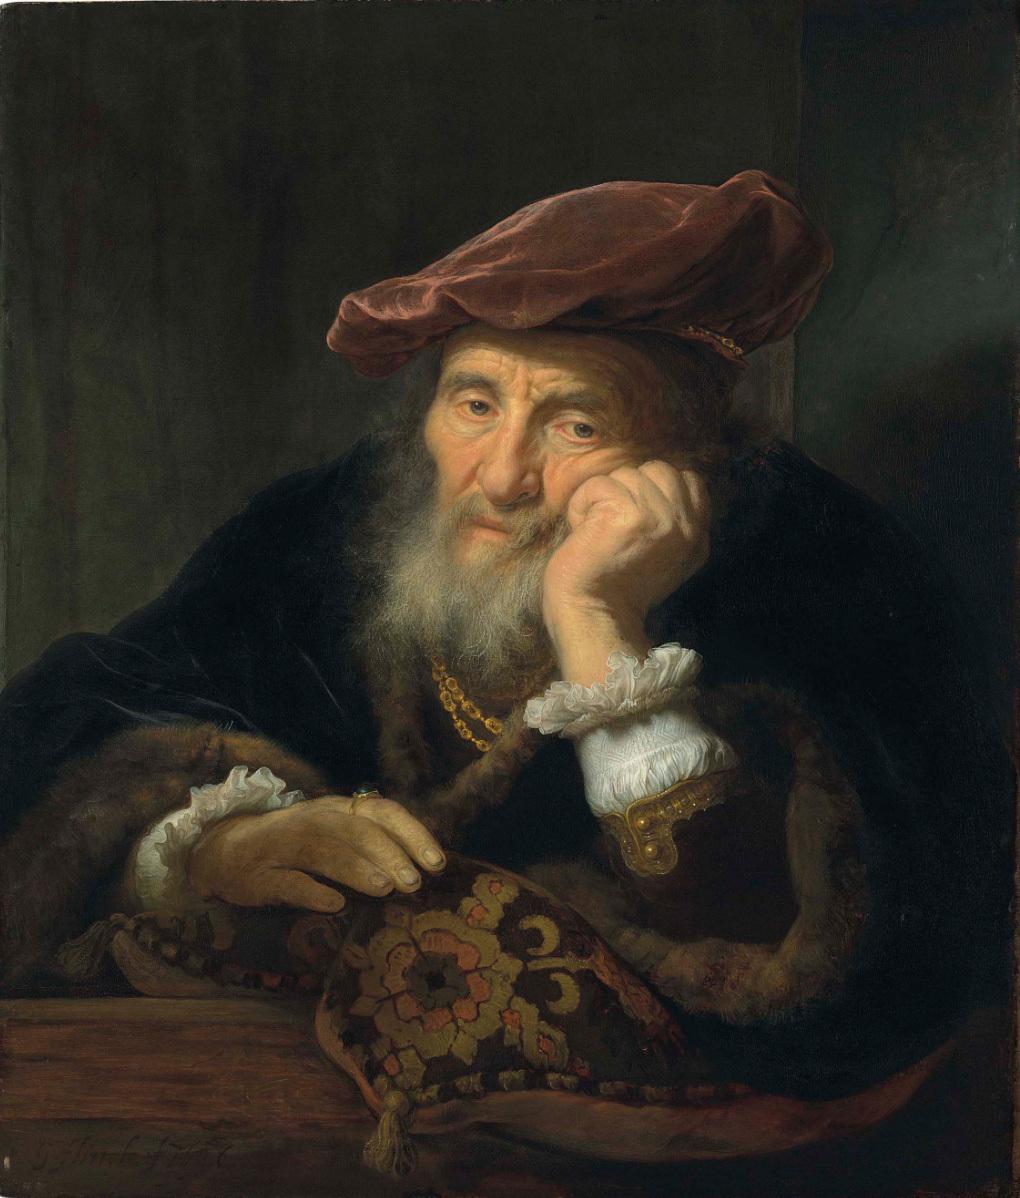 Govaert Flinck, Vieil homme à un vantail, image ©Christie's